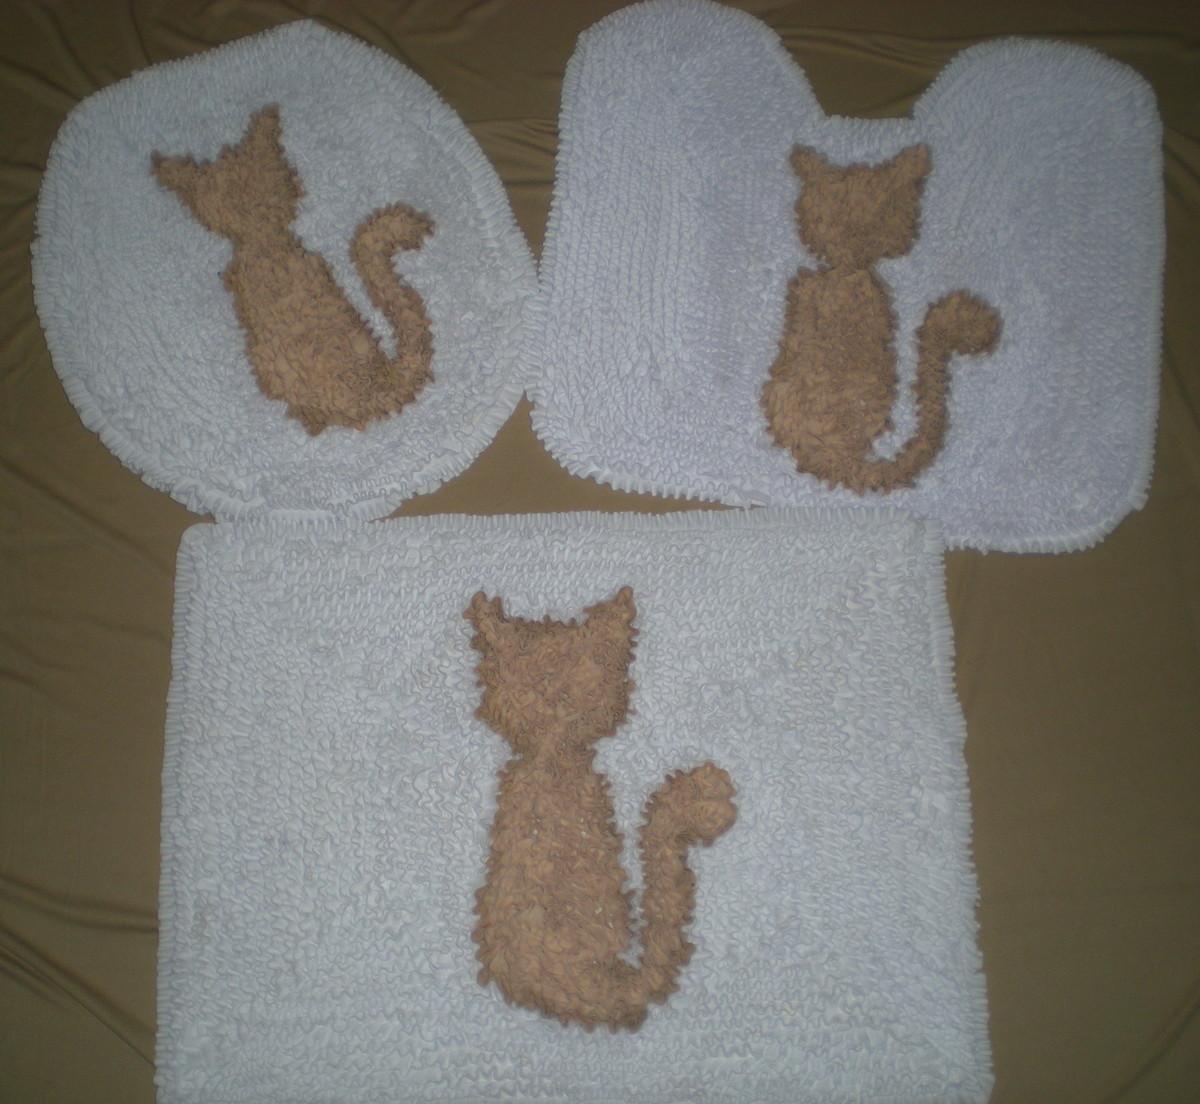 de tapetes para banheiro banheiro conjunto de tapetes para banheiro #49412D 1200 1104